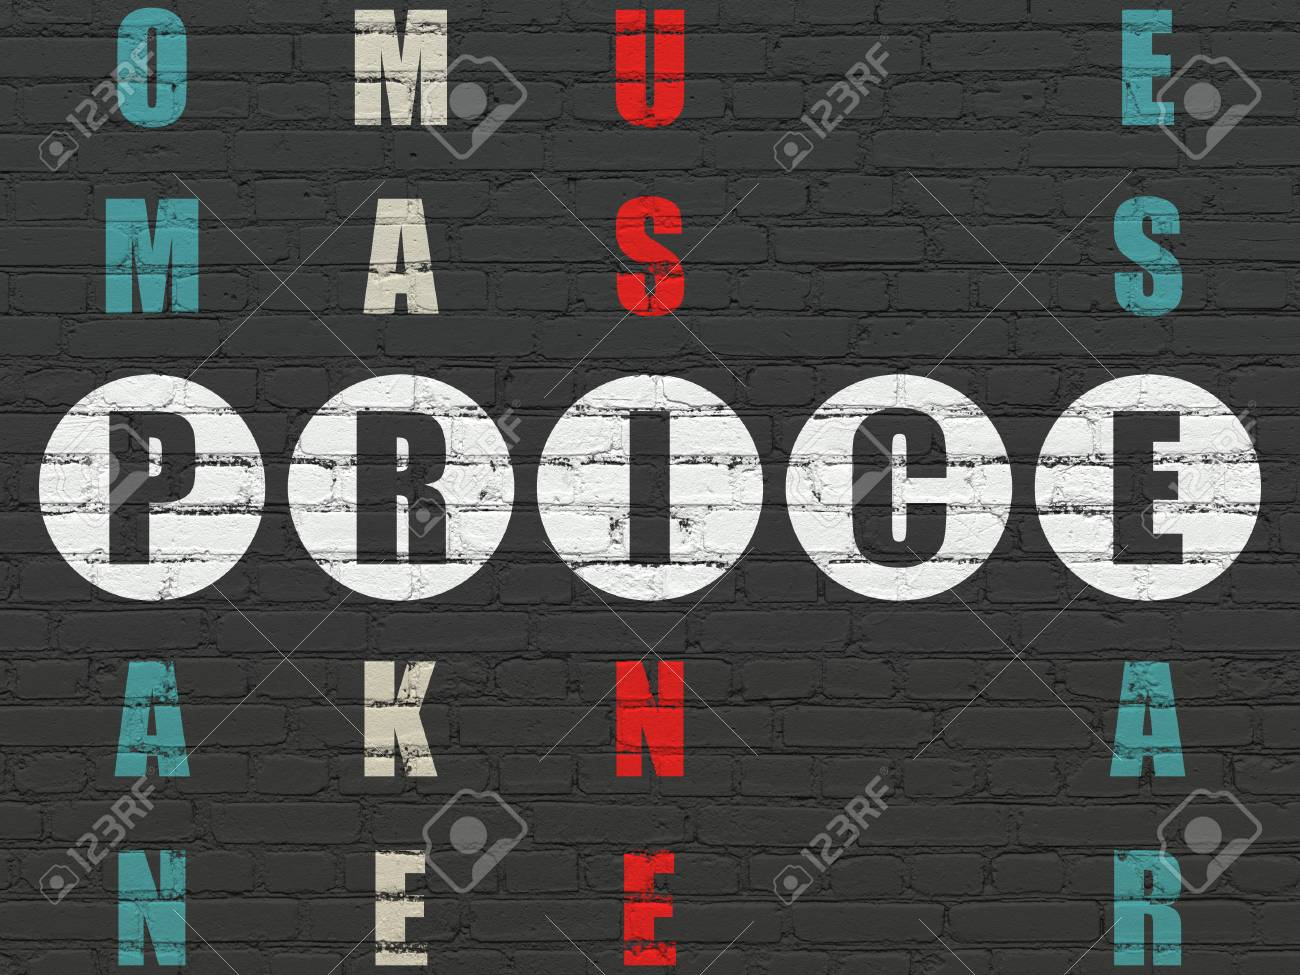 Parete Di Legno Cruciverba : Immagini stock concetto di marketing verniciato bianco parola